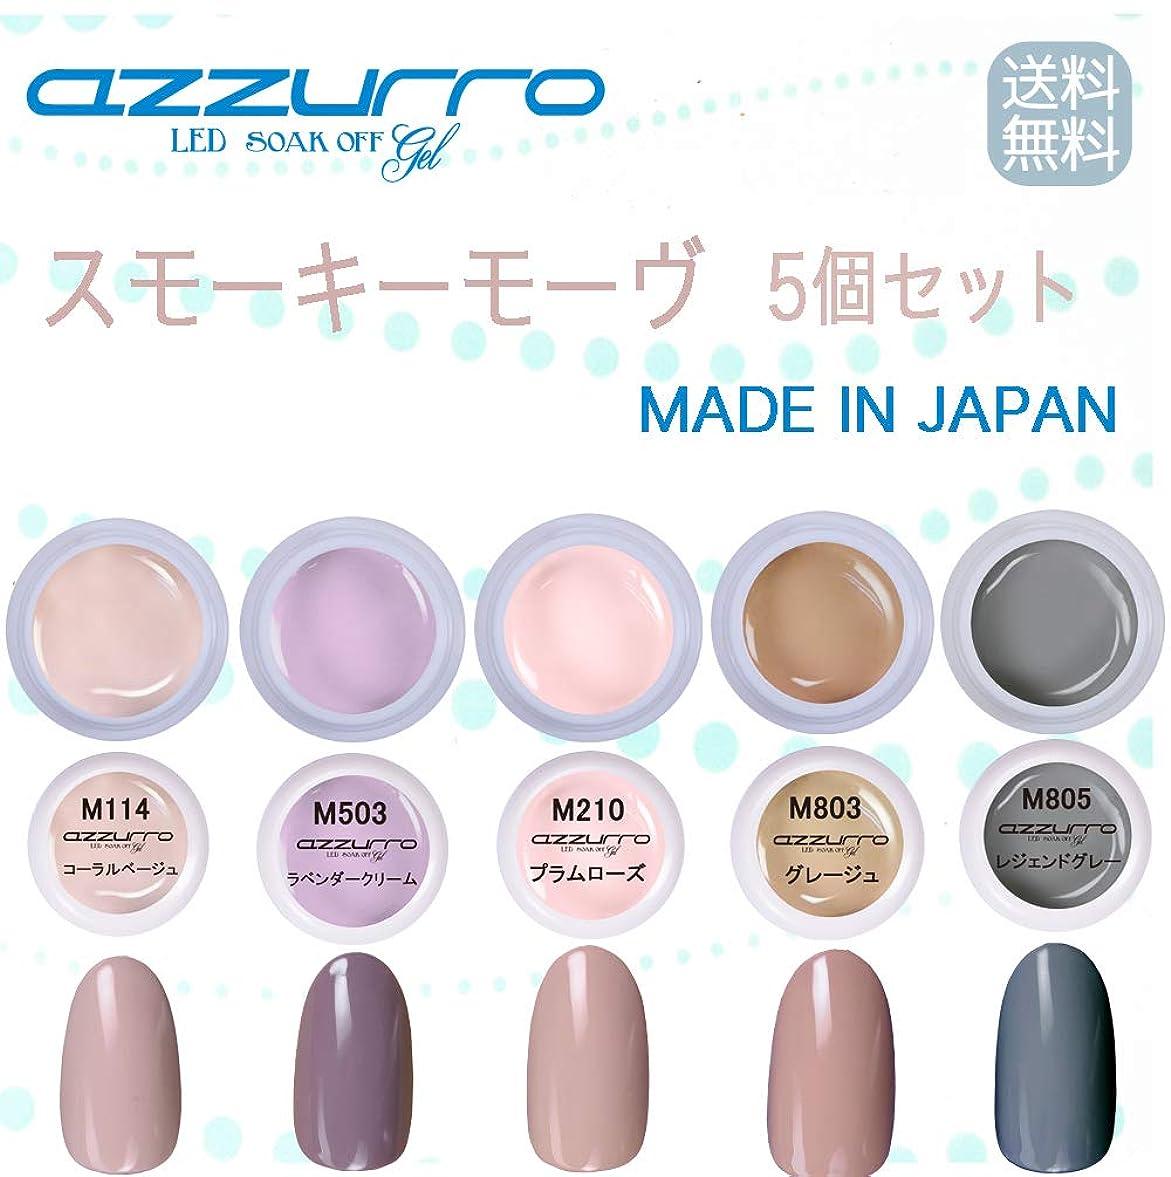 ホバートしなやかなしなやかな【送料無料】日本製 azzurro gel スモーキーモーヴカラージェル5個セット 春色にもかかせないとスモーキーなモーヴカラー